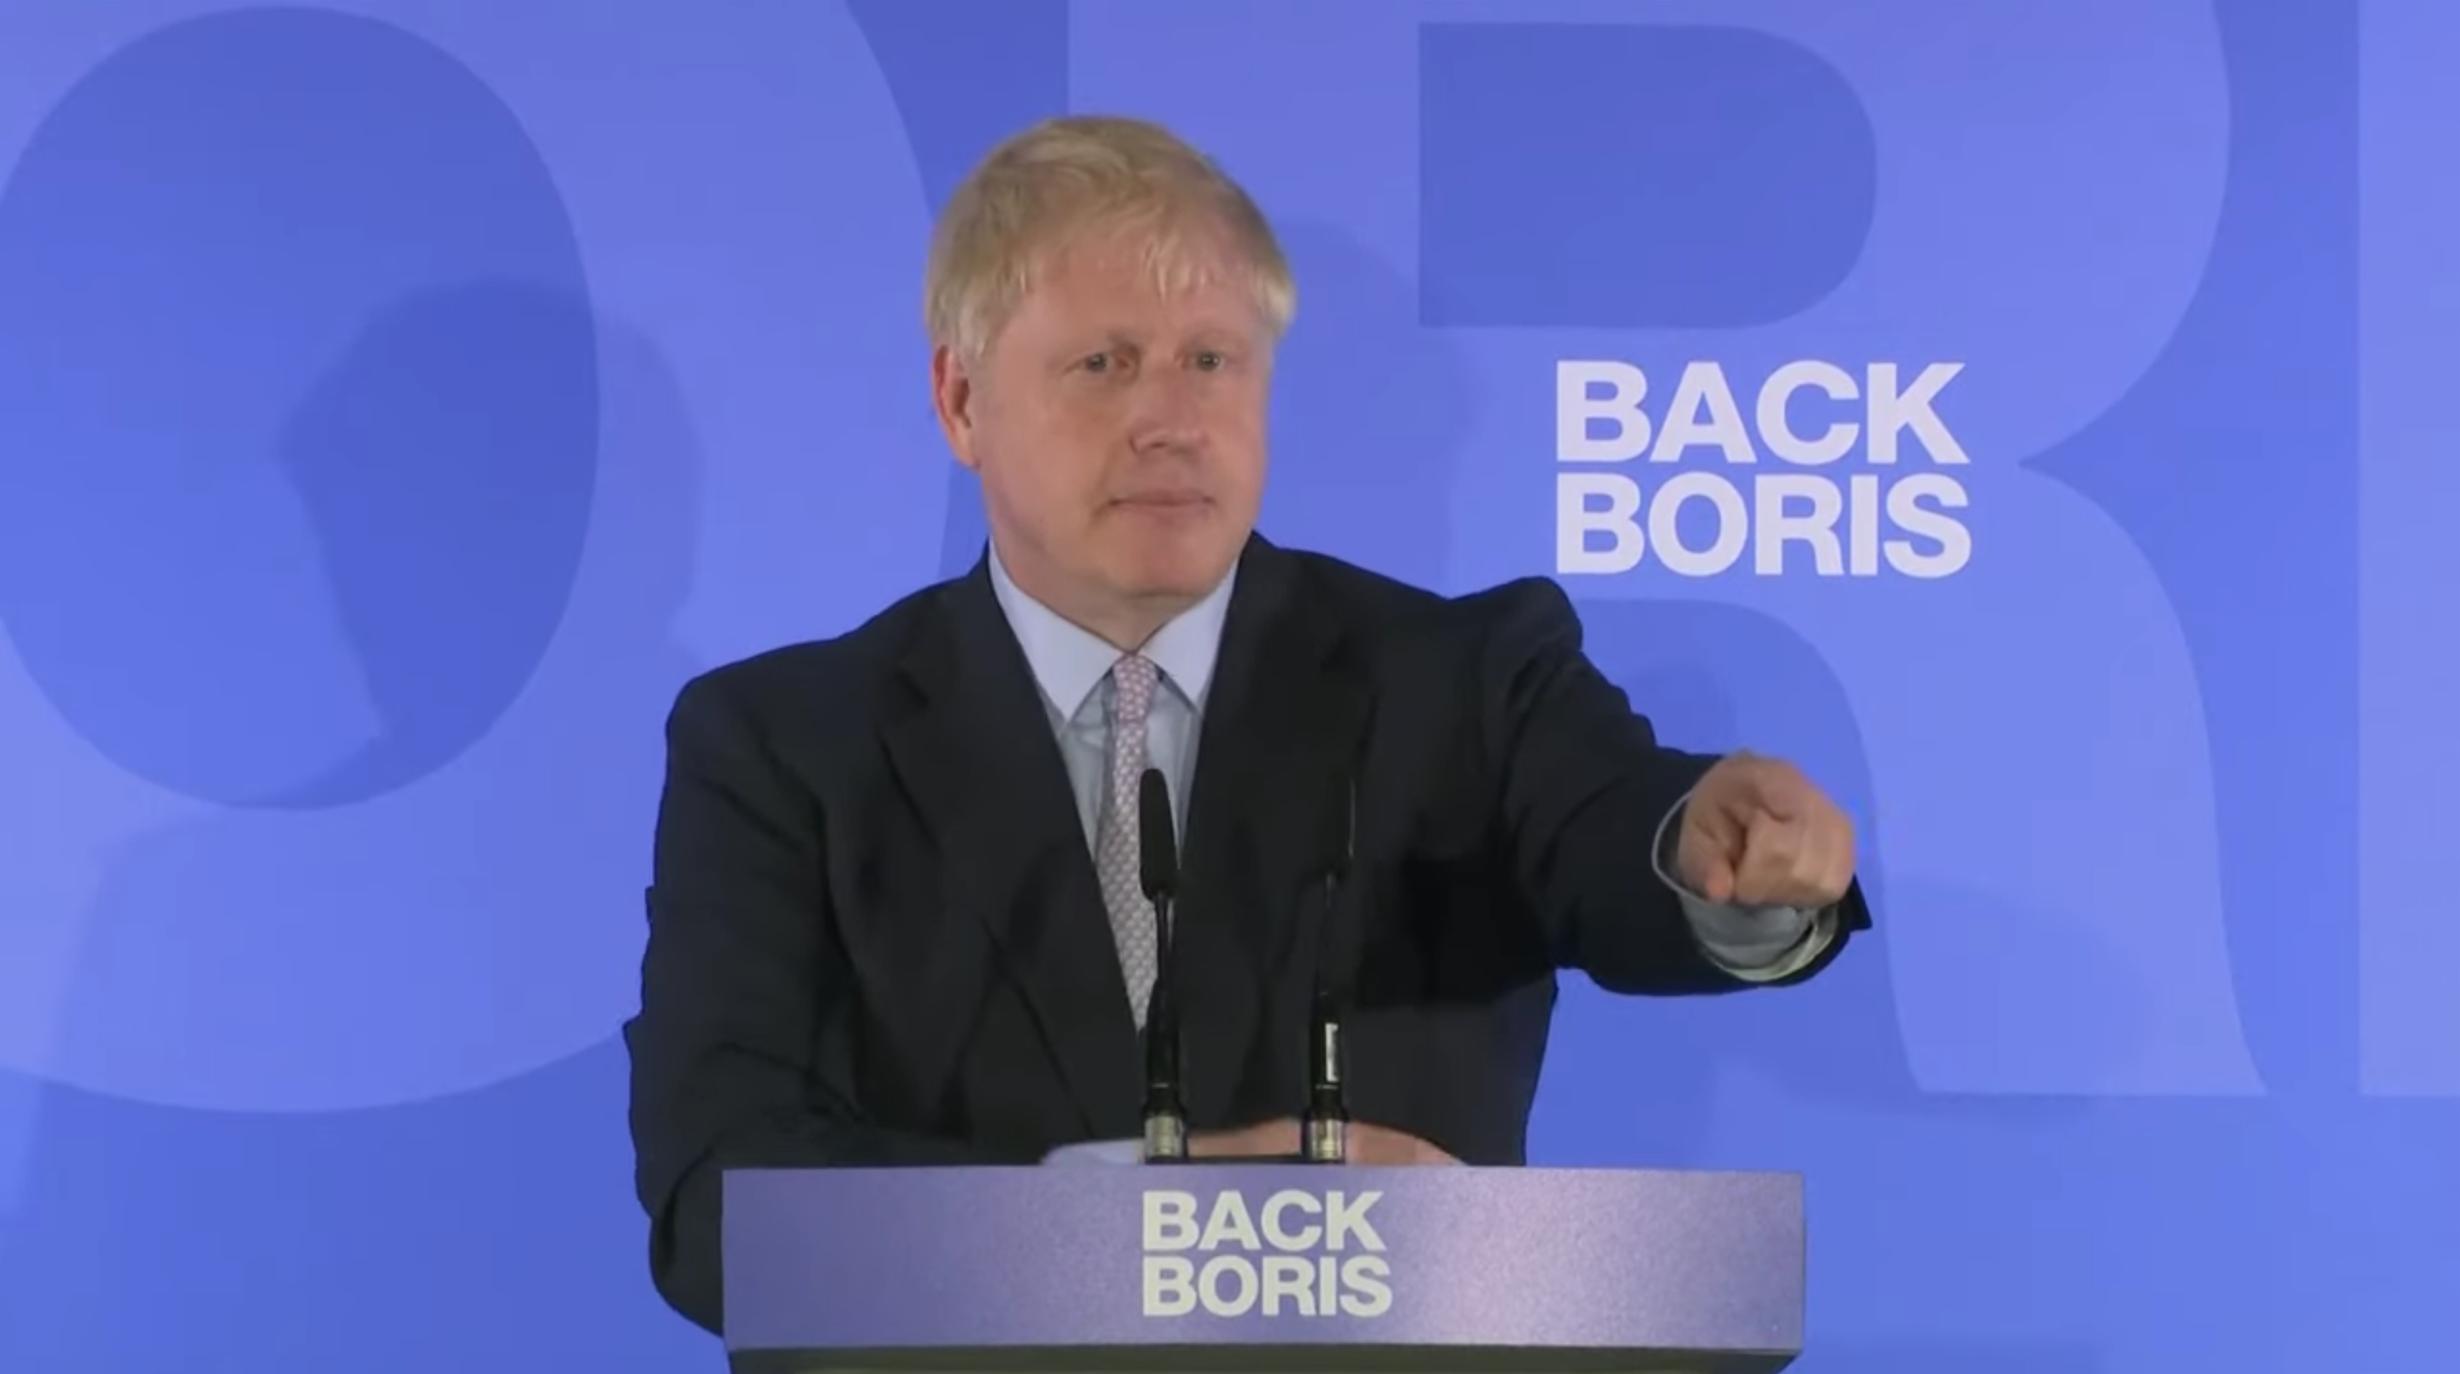 Boris Johnson à la conférence de presse pour le lancement de sa campagne pour le 10 Downing Street (élection à la tête des Tories)